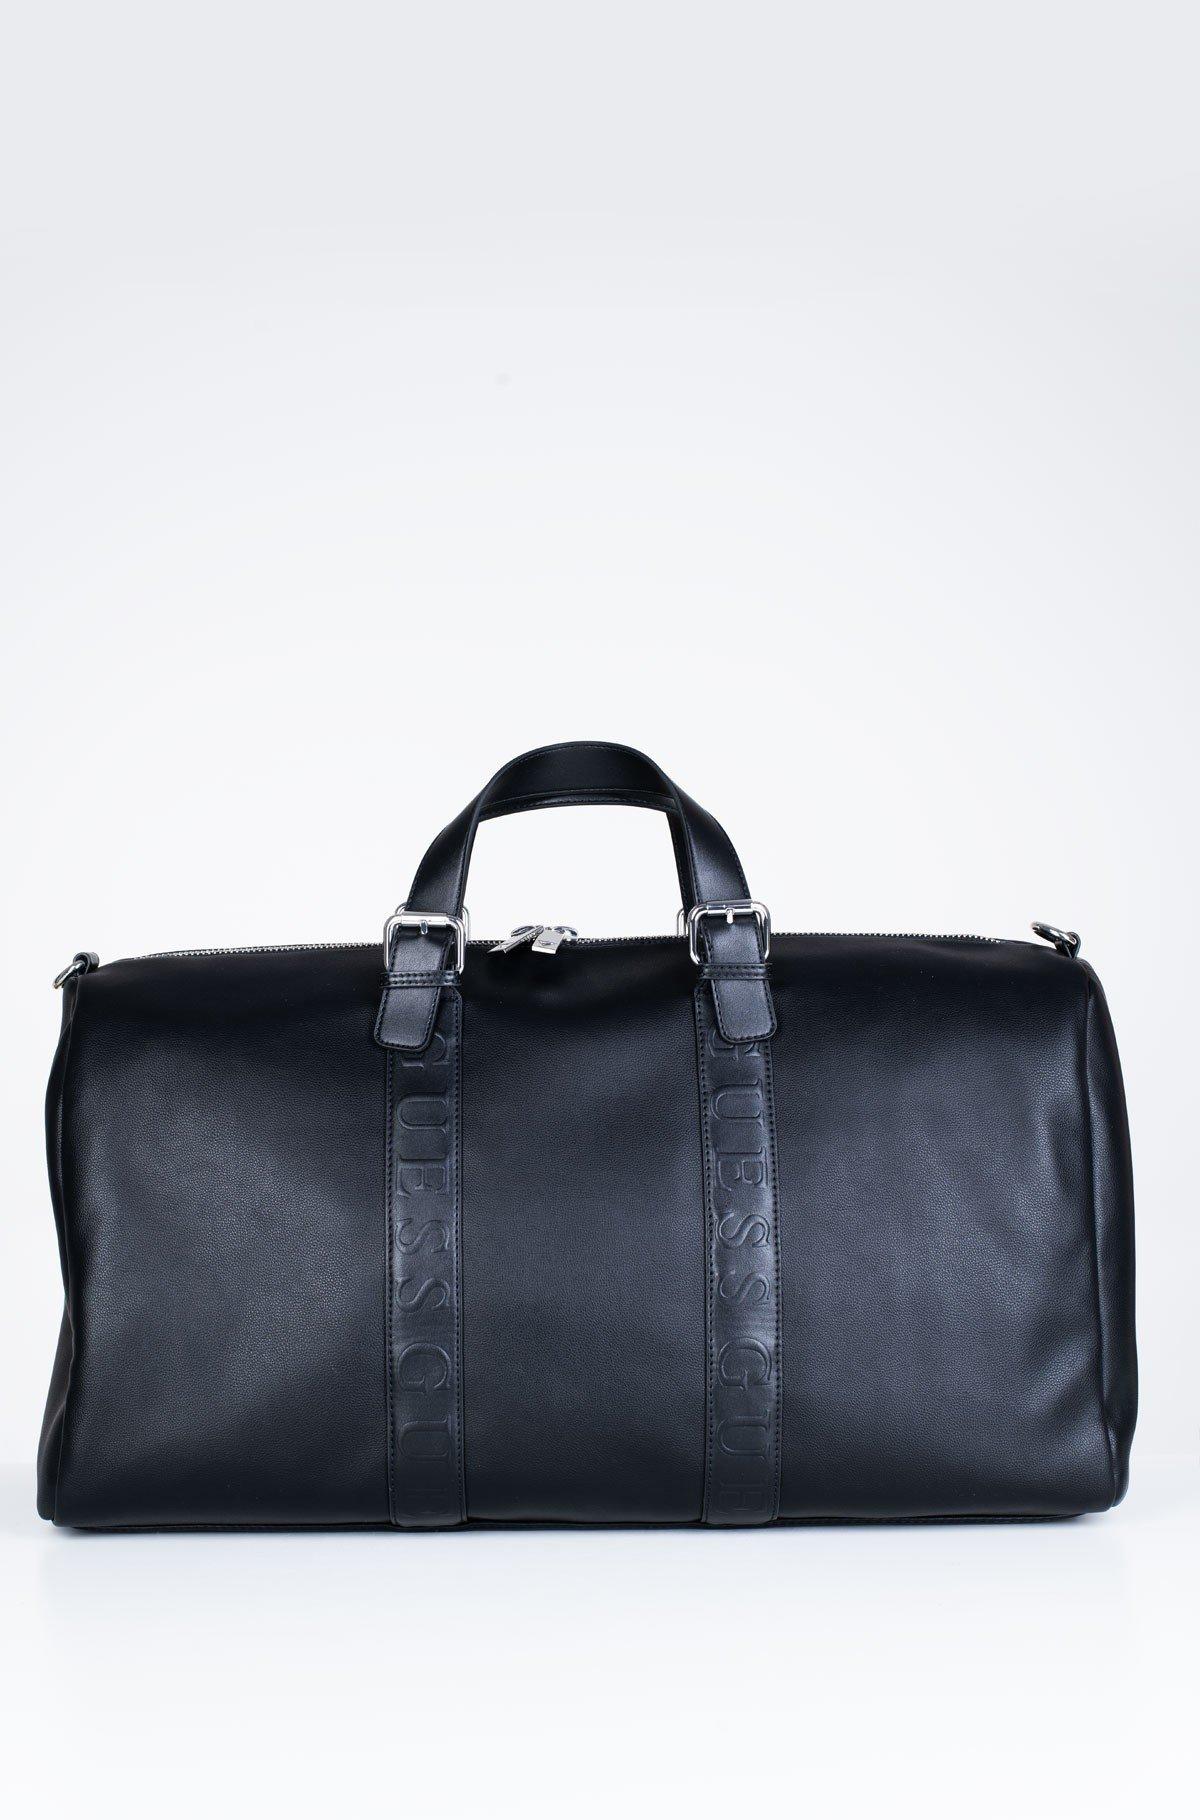 Travel bag  TM6843 PL201-full-1